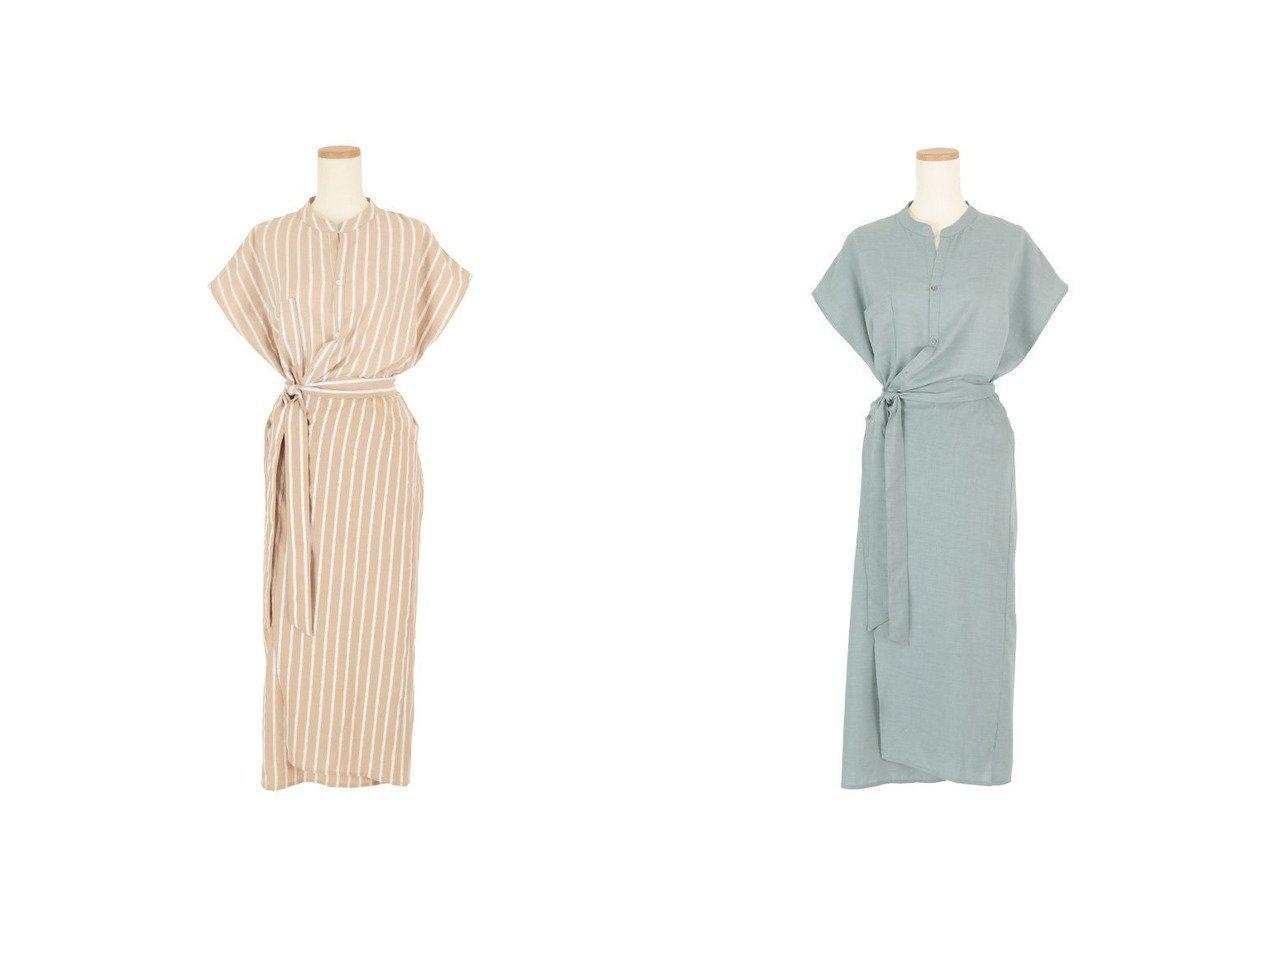 【titivate/ティティベイト】のアシンメトリーデザインシャツワンピース ワンピース・ドレスのおすすめ!人気、トレンド・レディースファッションの通販  おすすめで人気の流行・トレンド、ファッションの通販商品 メンズファッション・キッズファッション・インテリア・家具・レディースファッション・服の通販 founy(ファニー) https://founy.com/ ファッション Fashion レディースファッション WOMEN ワンピース Dress シャツワンピース Shirt Dresses シンプル ストライプ スリーブ フレンチ 無地 |ID:crp329100000022753